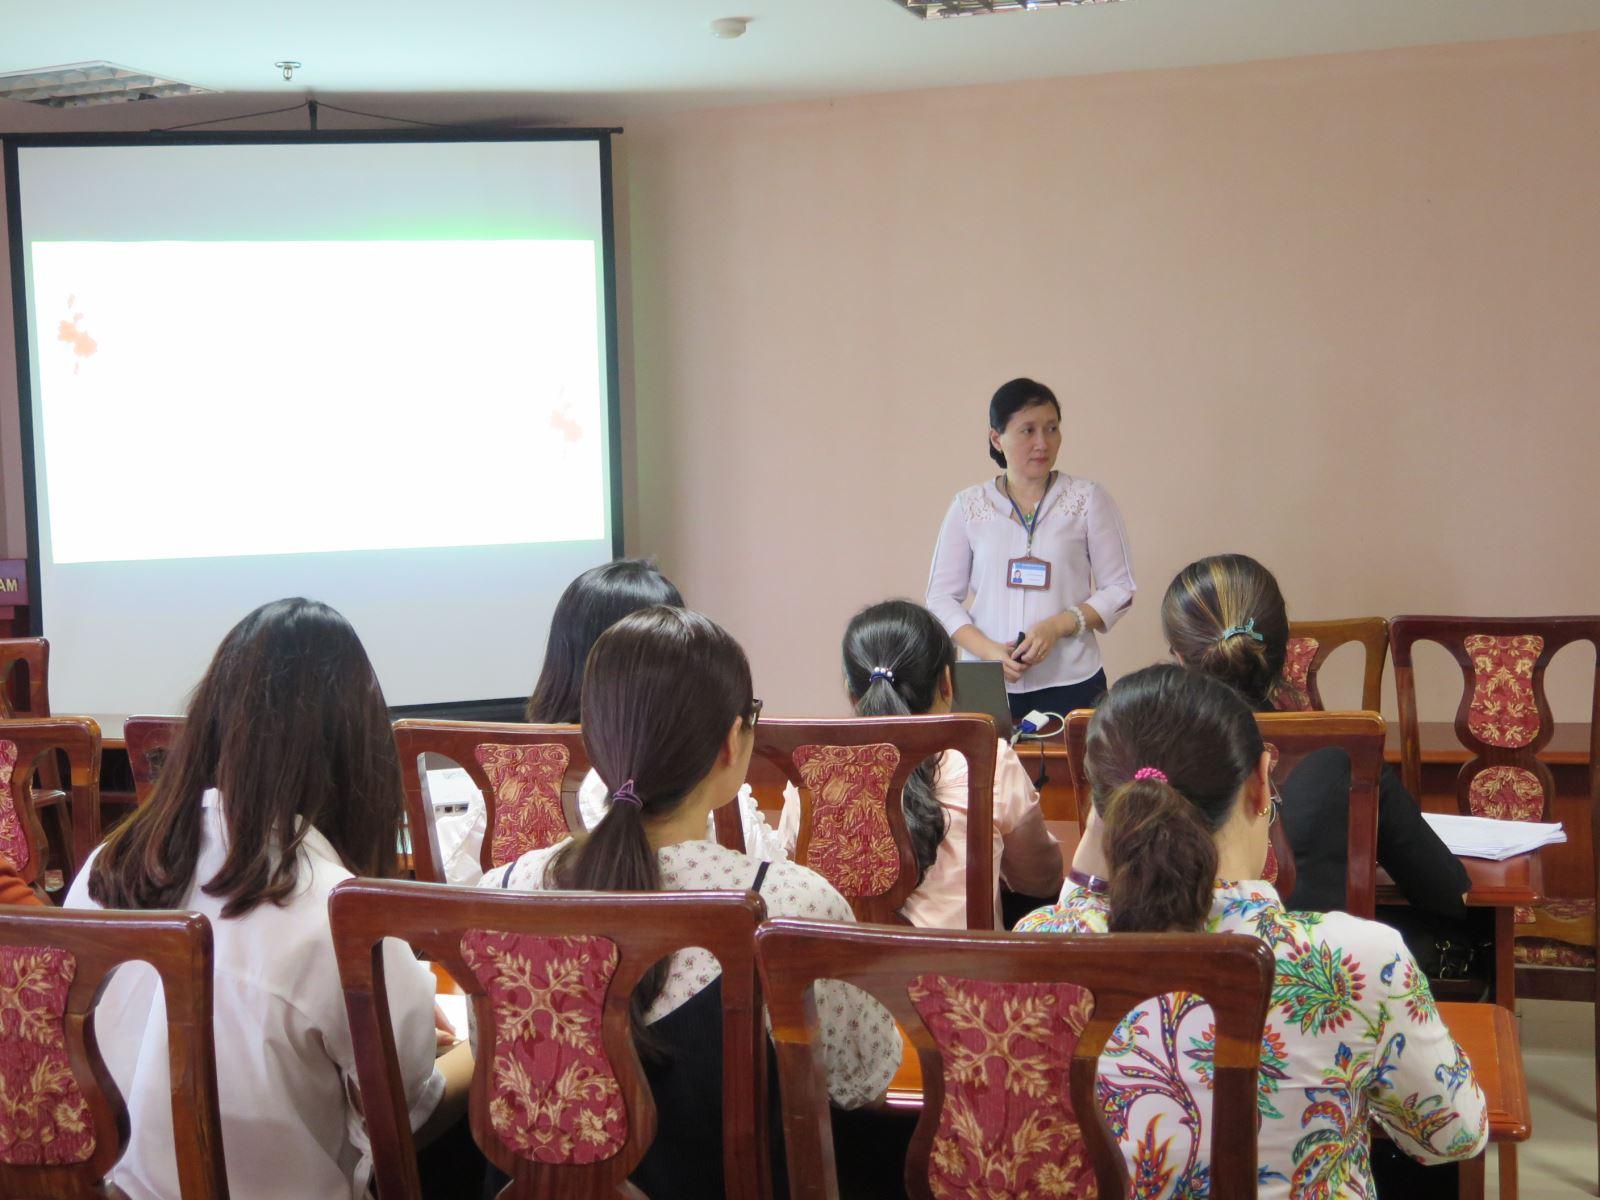 Trao đổi về phát triển kỹ năng thuyết trình